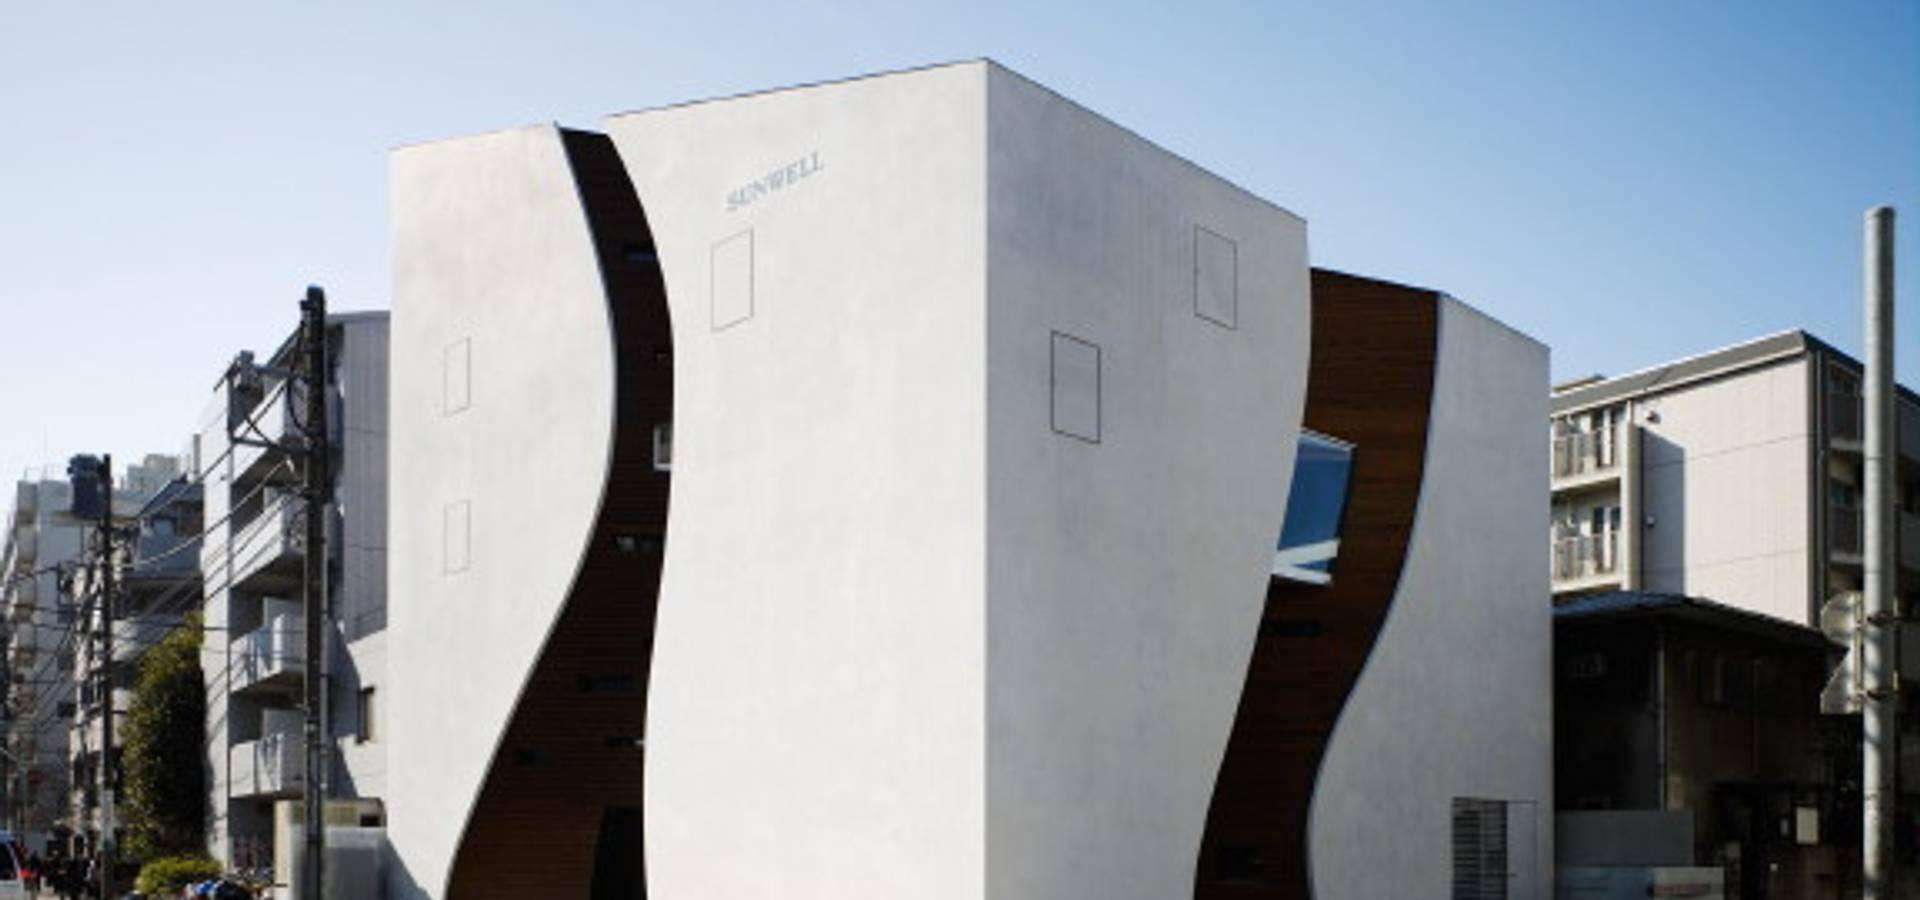 タカトタマガミデザイン/TAKATOTAMAGAMI ARCHITECTURAL DESIGN